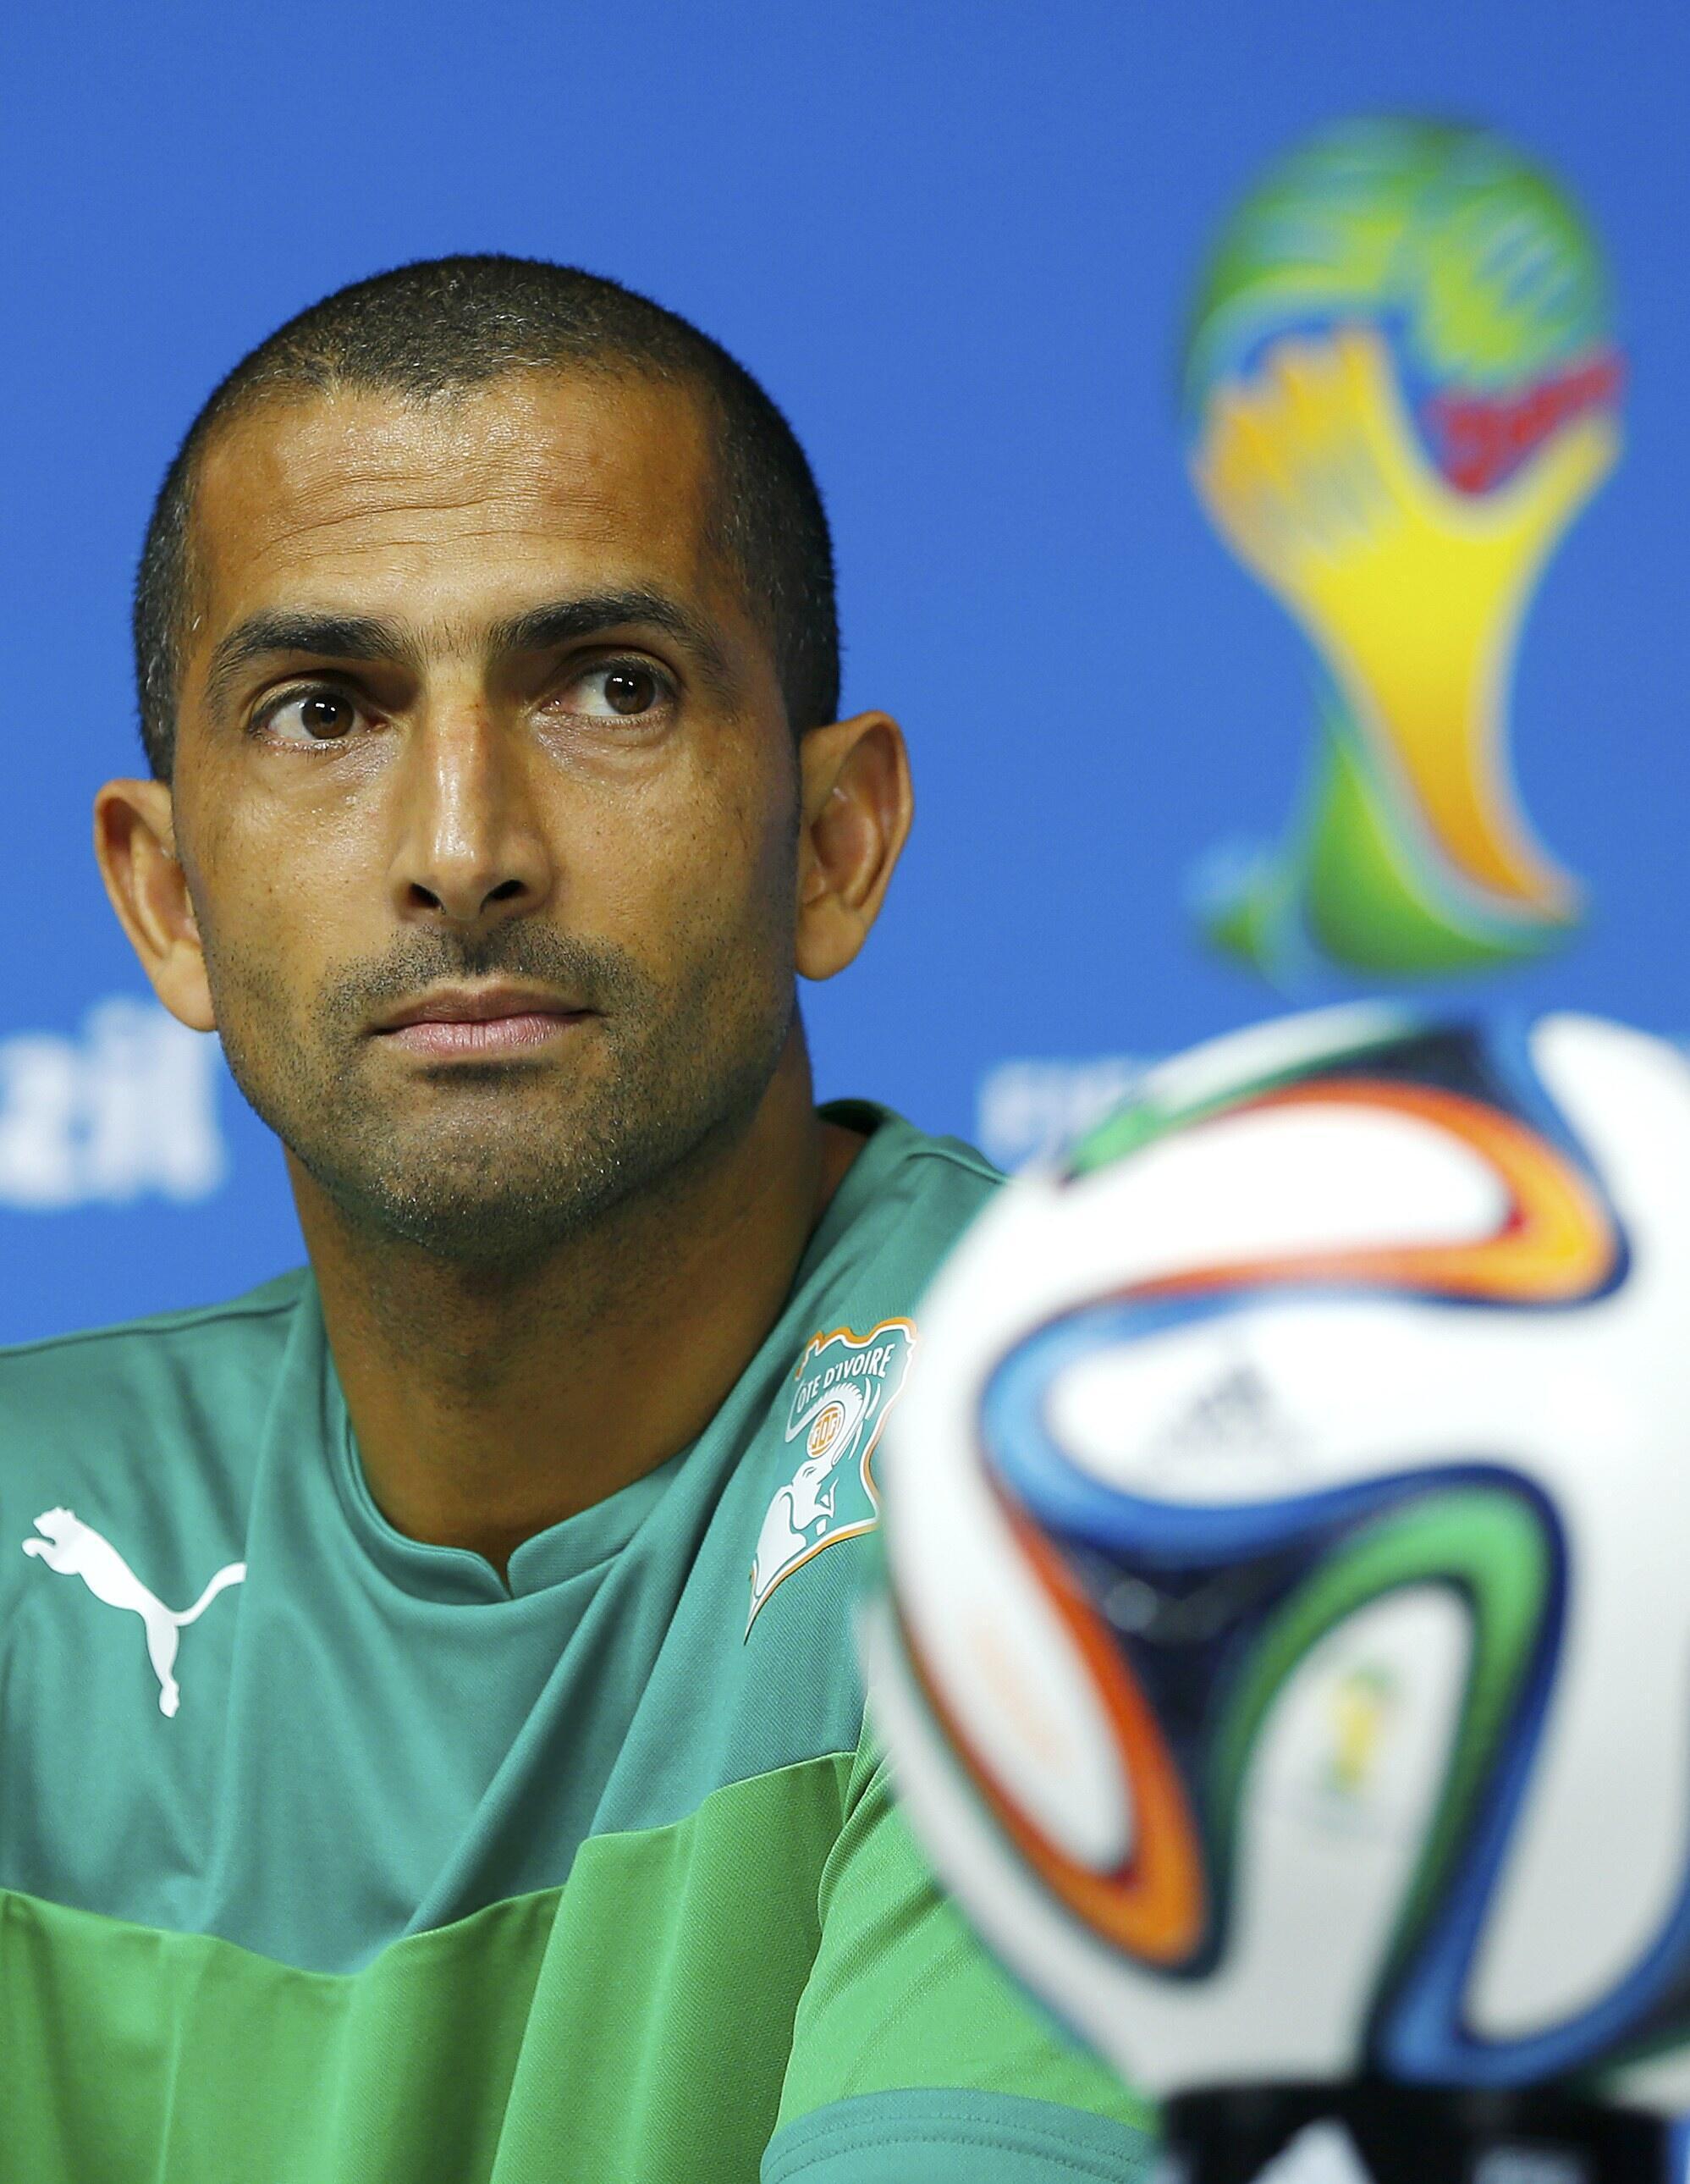 Sabri Lamouchi, sélectionneur de la Côte d'Ivoire, à l'Arena Pernambuco de Recife, le 13 juin 2014.